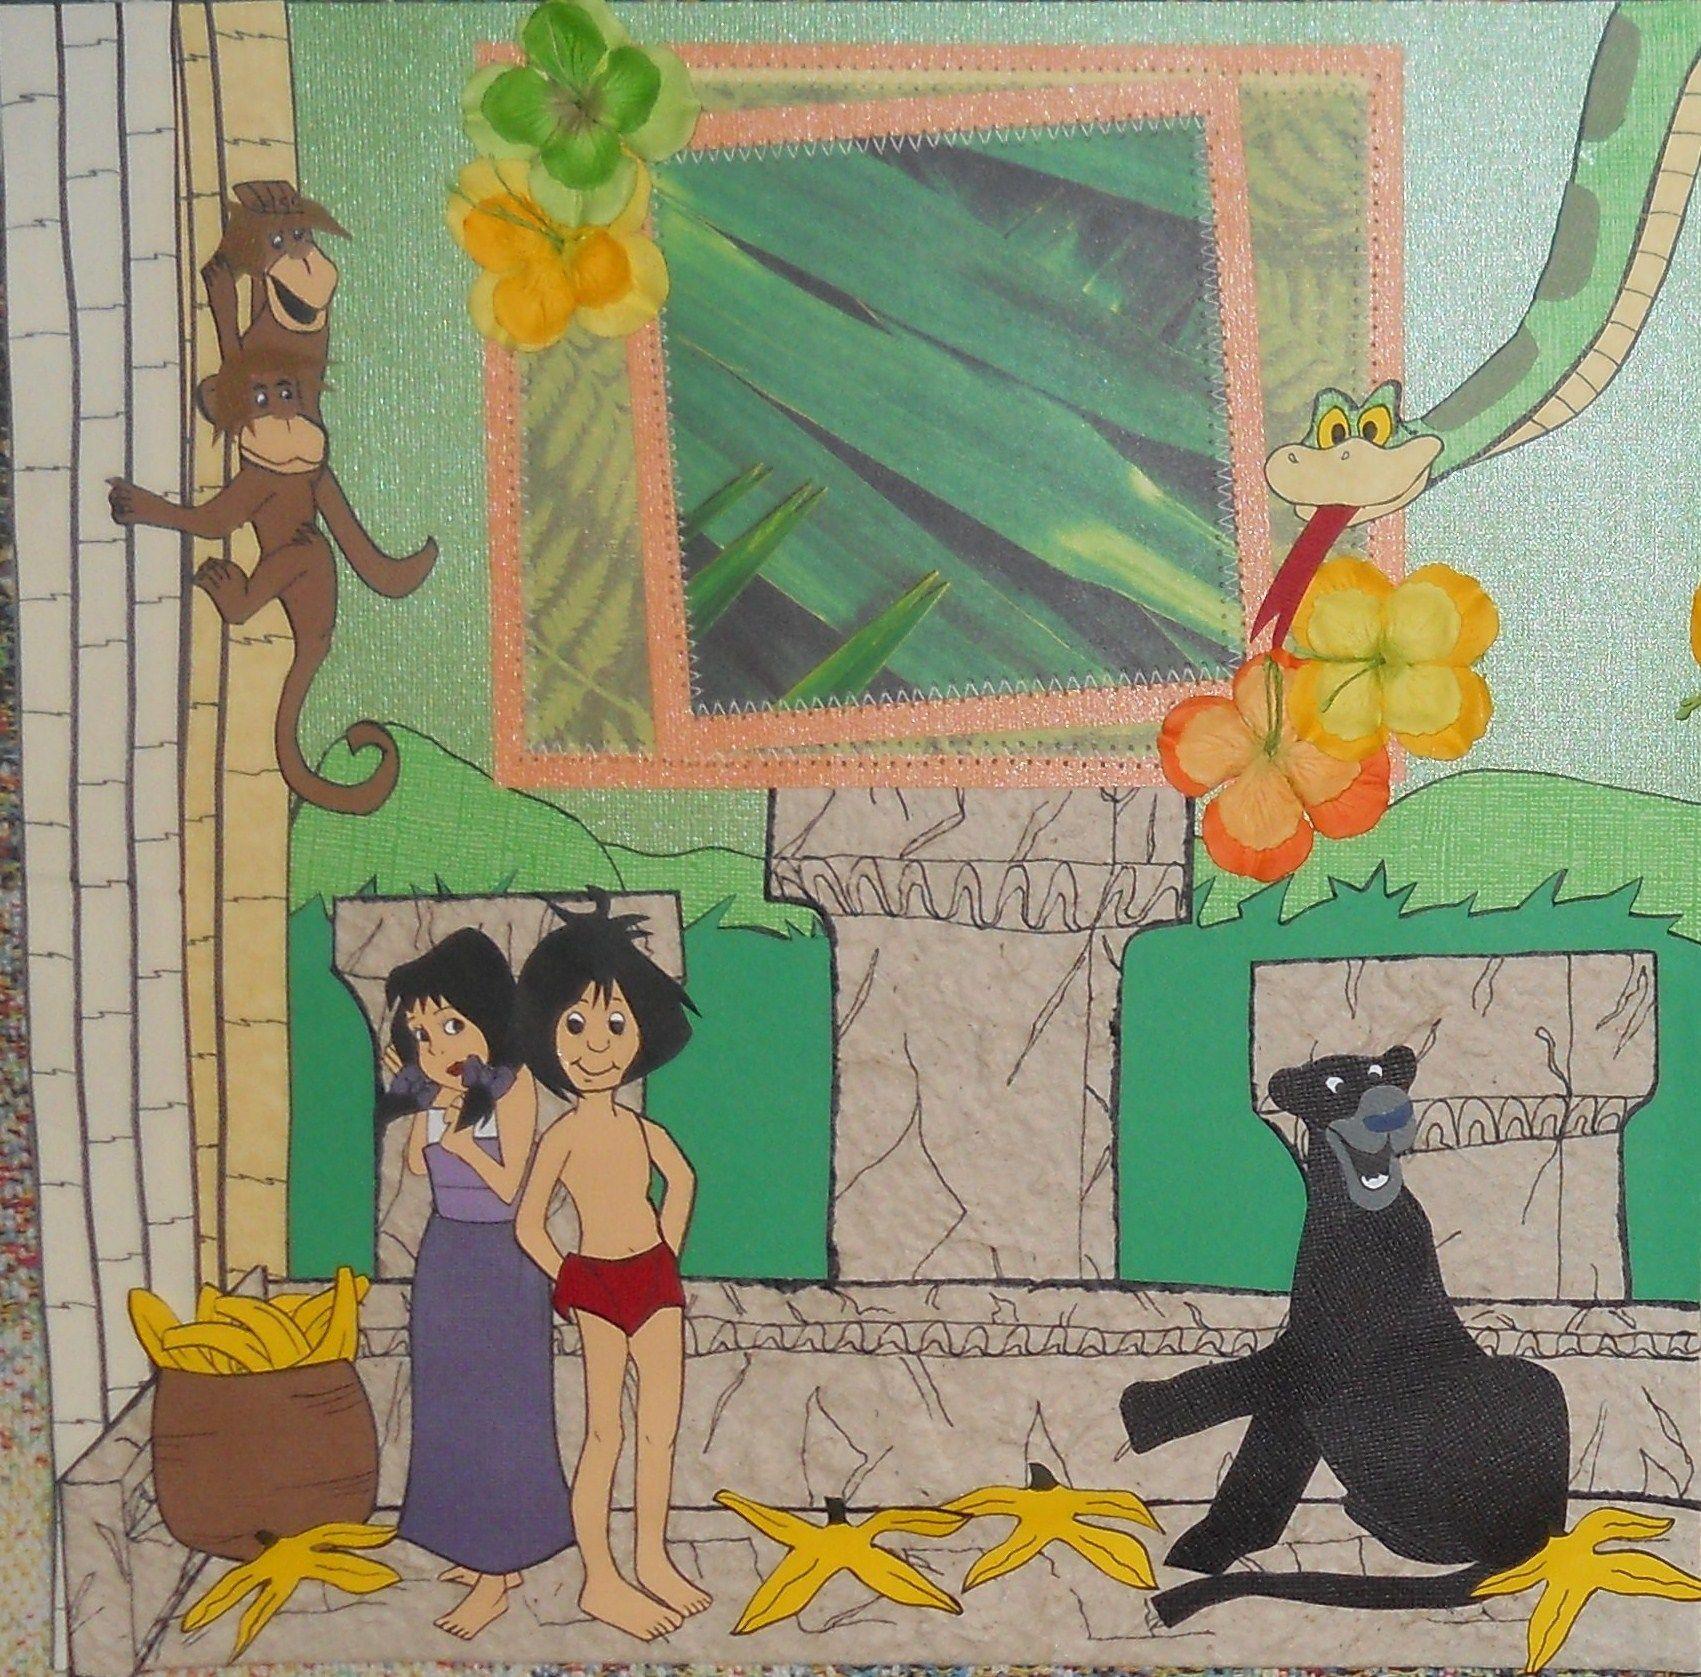 Jungle scrapbook ideas -  Jungle Book Disney Scrapbook Layout Page